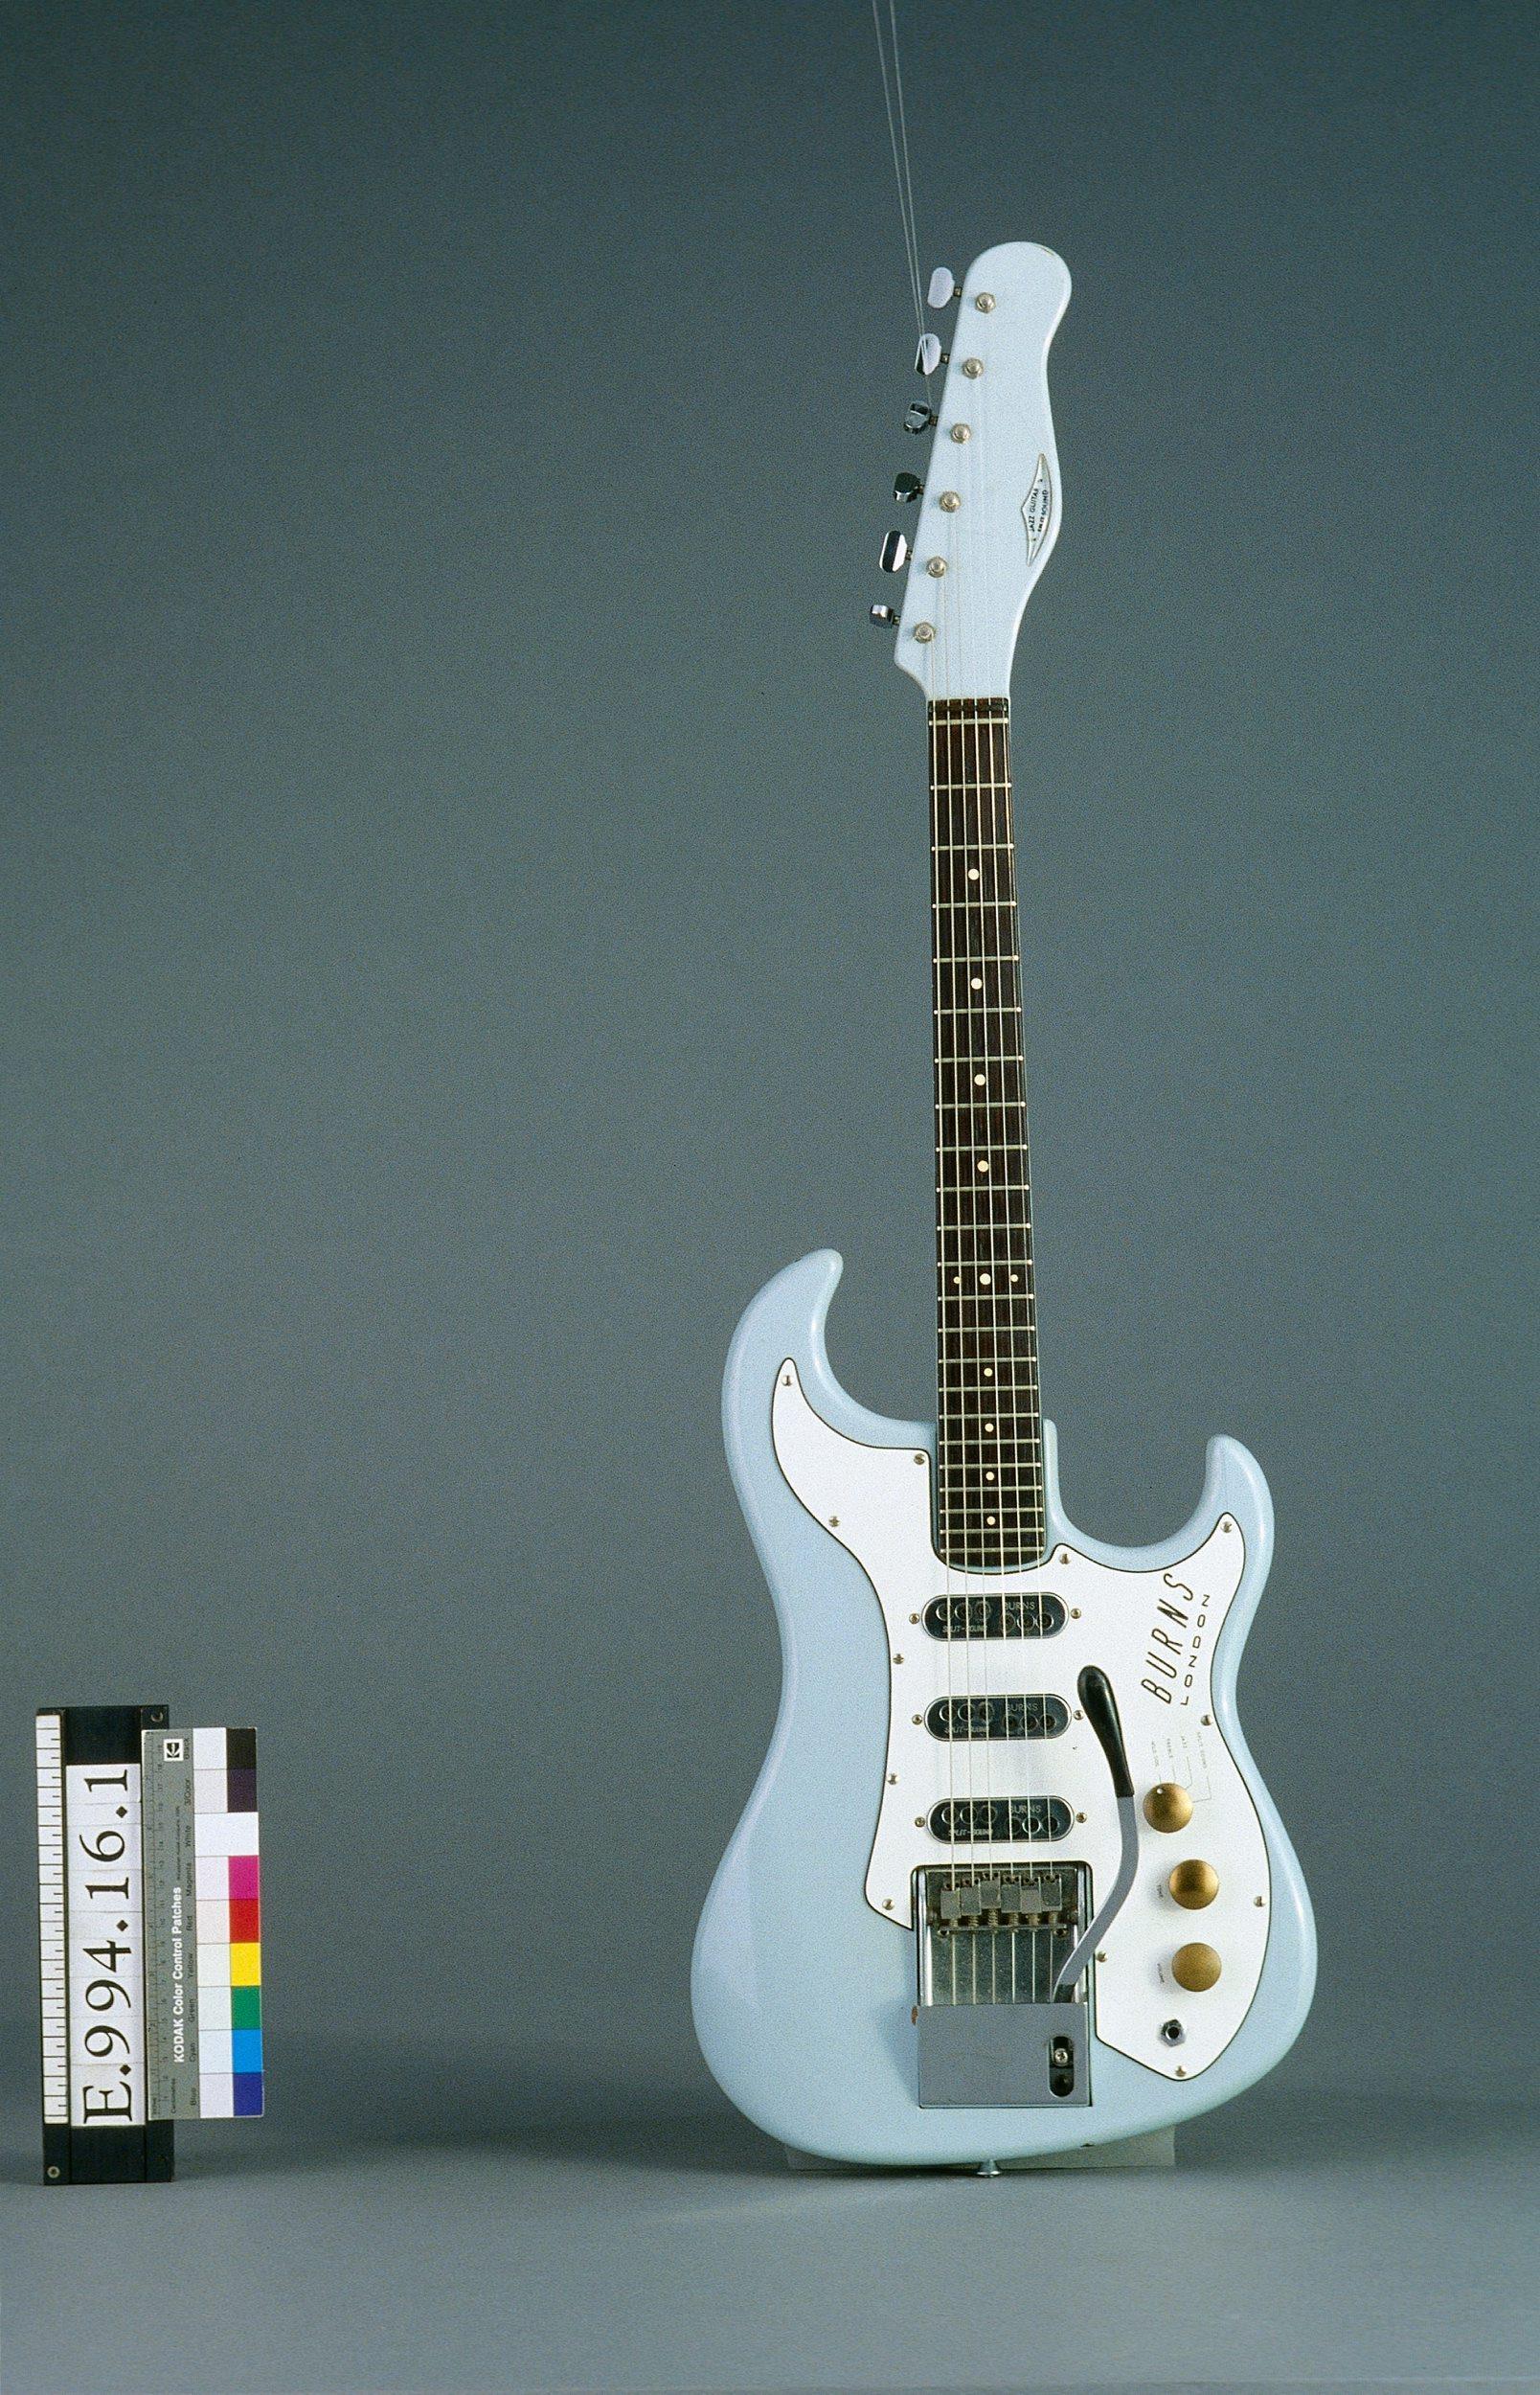 Guitare électrique modèle Jazz Guitar Split Sound | Burns